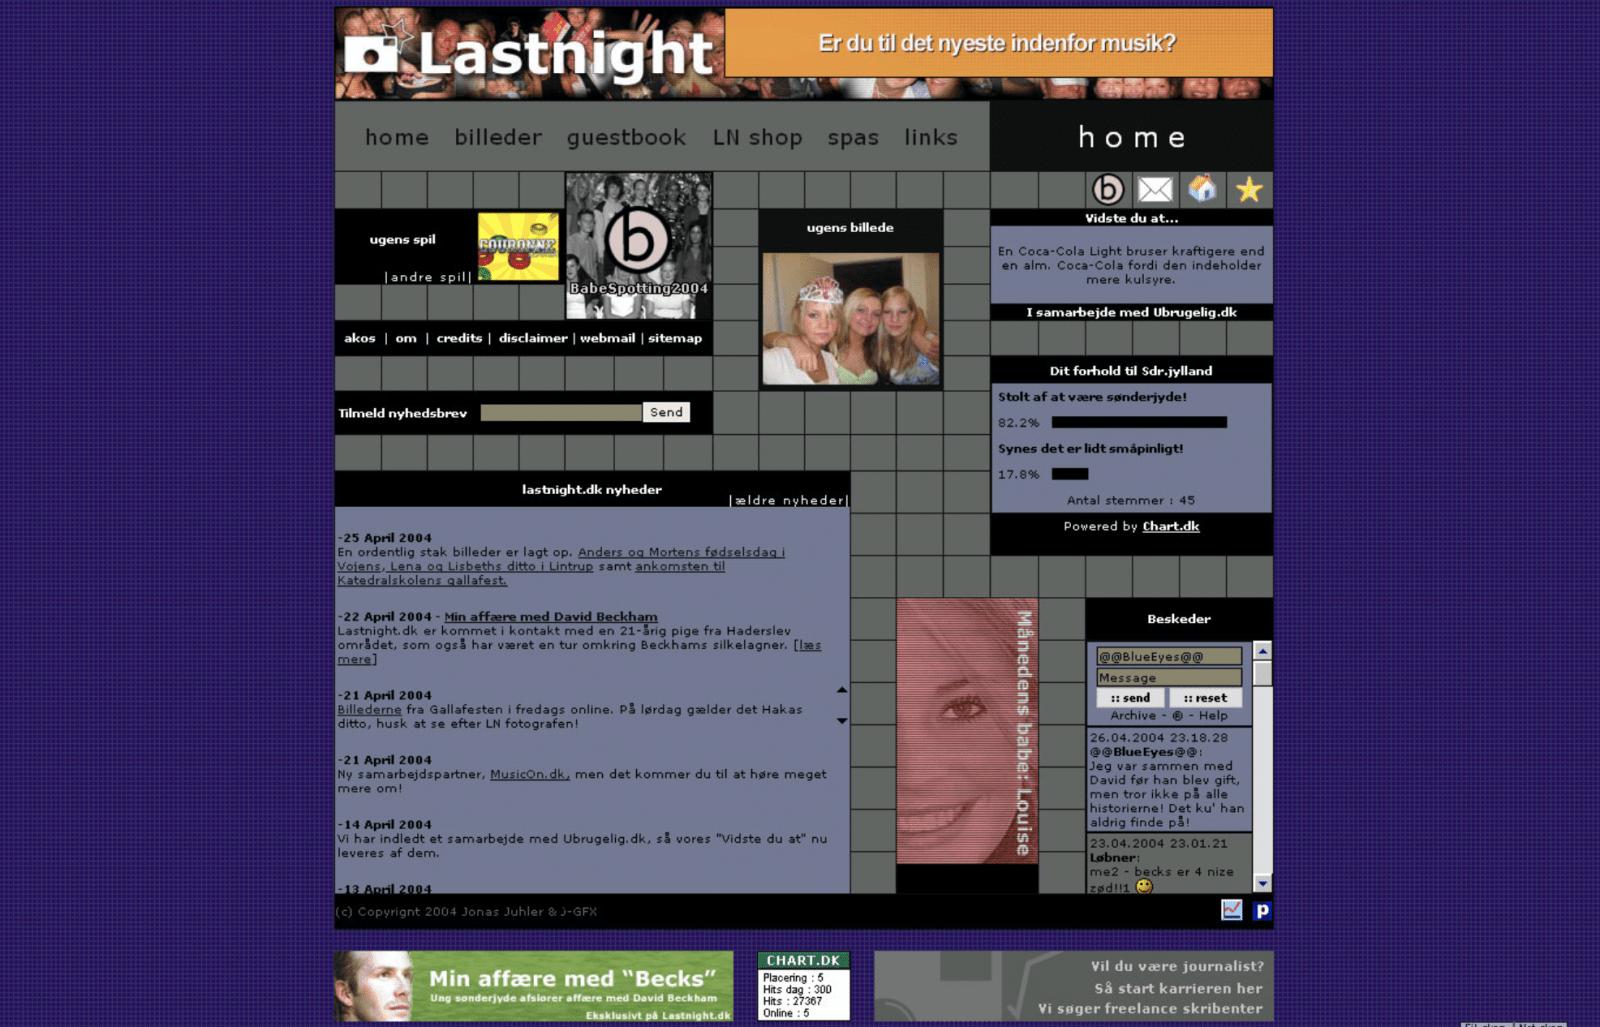 Version 2 af Lastnight fra 2003.